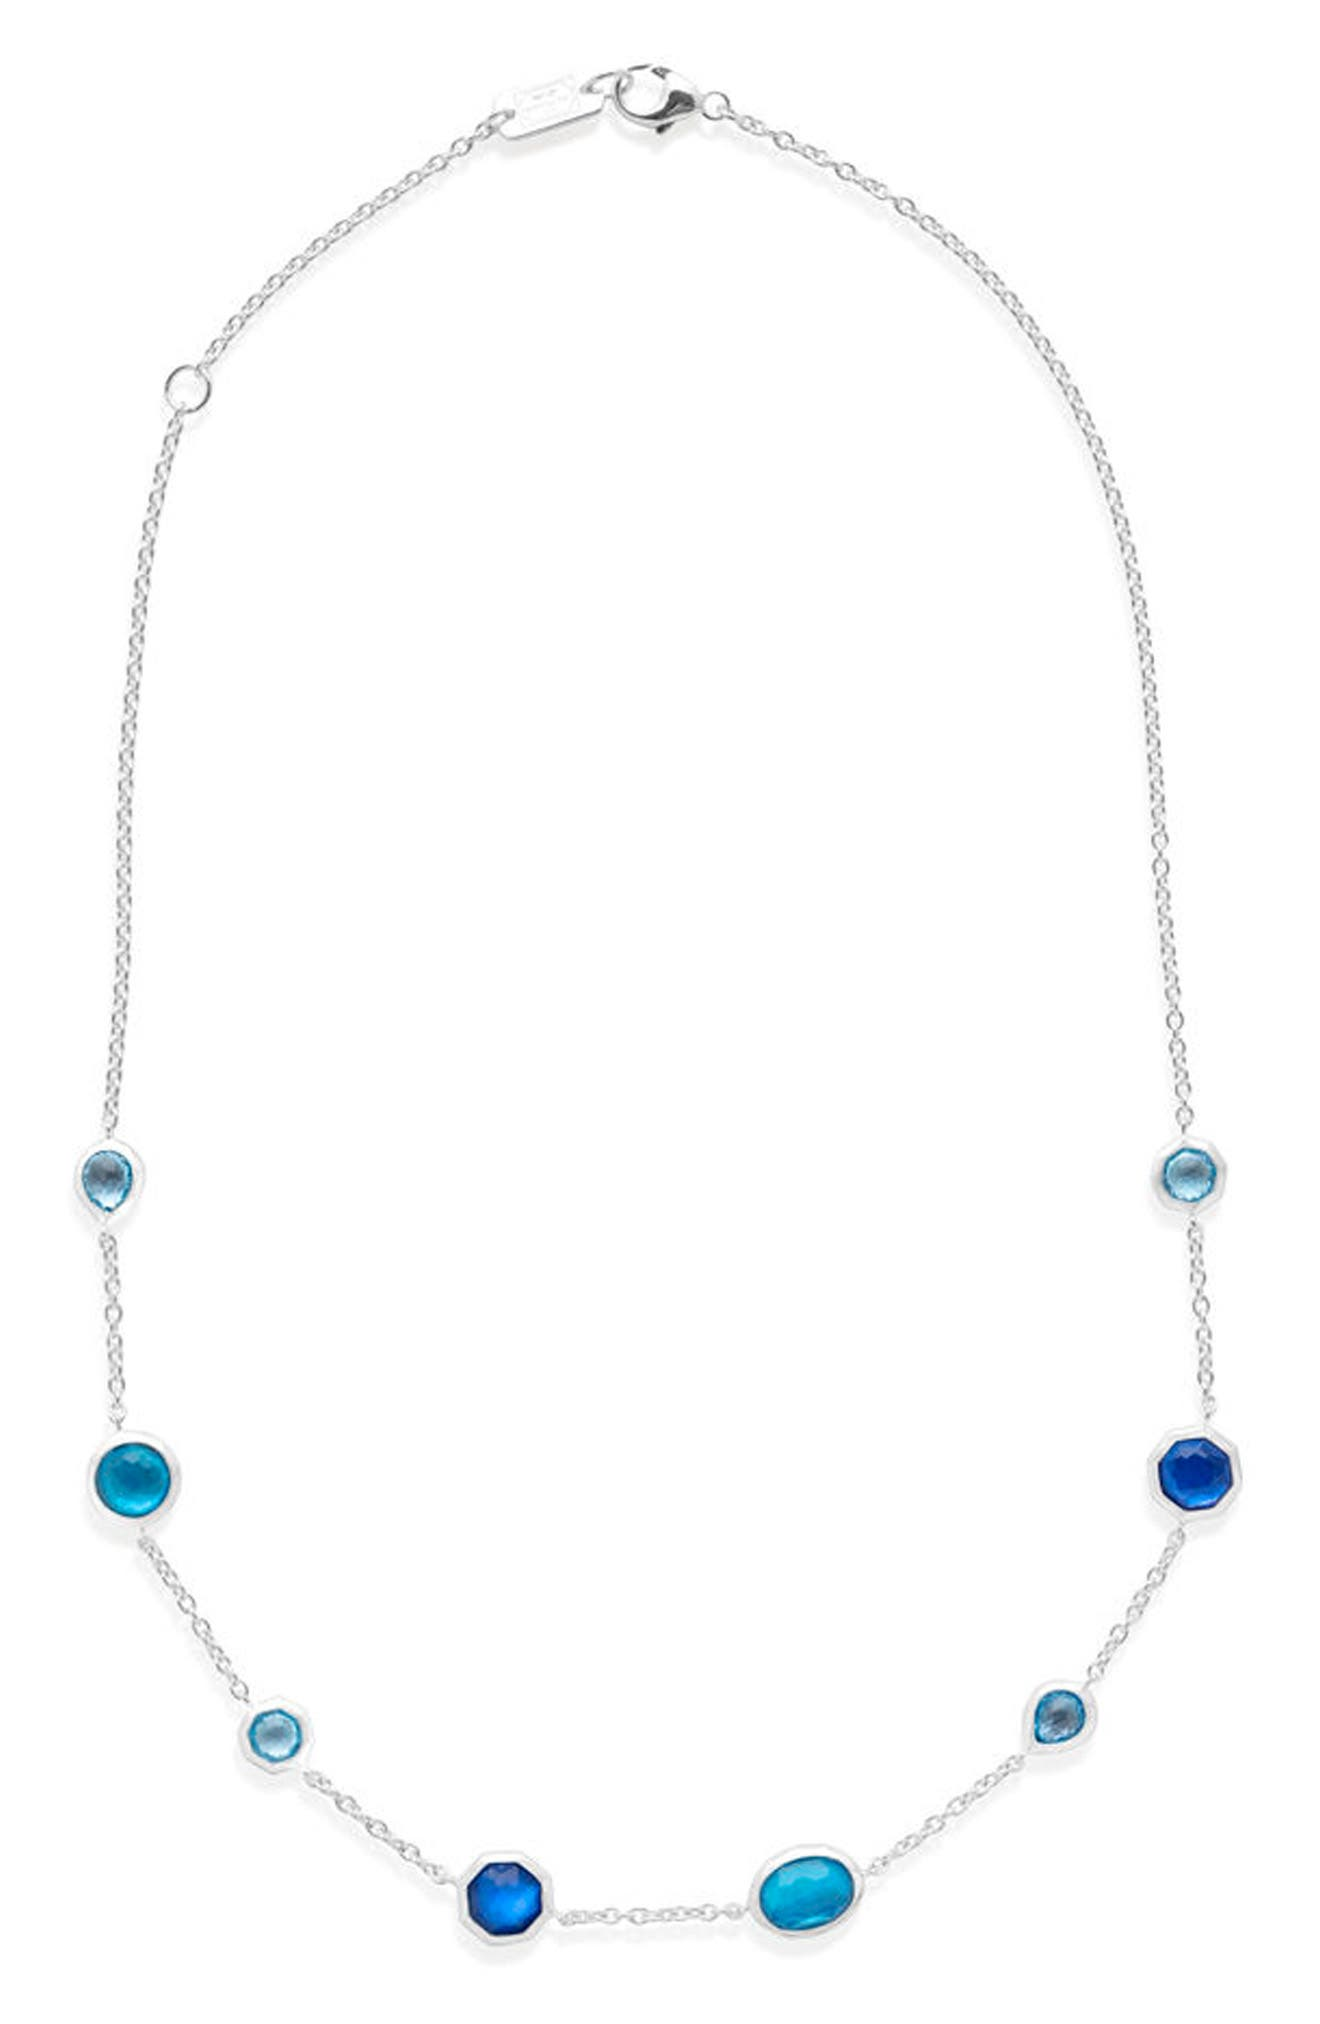 Alternate Image 1 Selected - Ippolita Wonderland Station Necklace